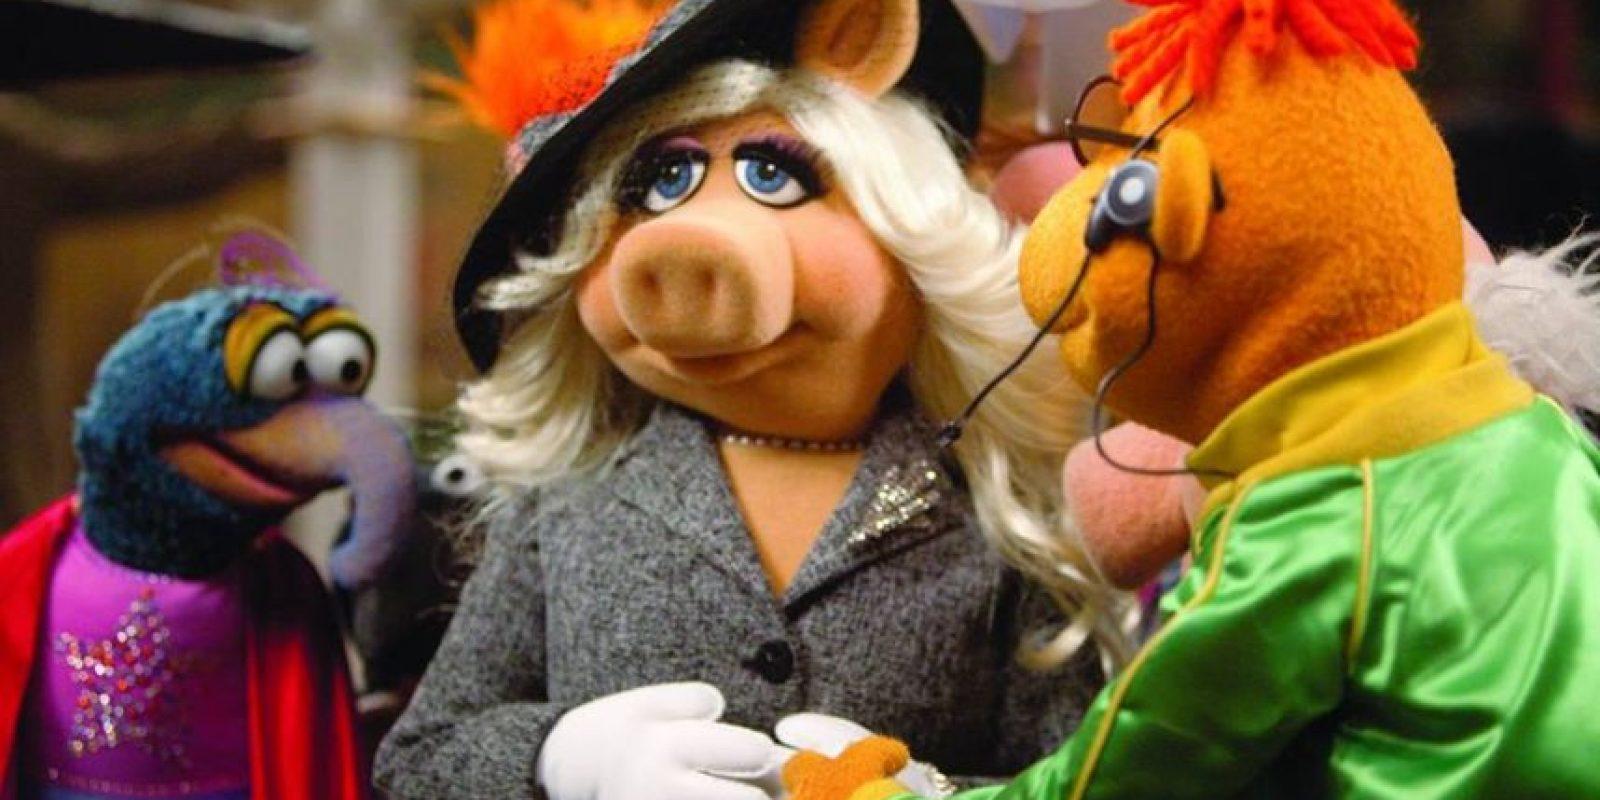 """la estrella de """"The Muppets"""" dejó en claro que su romance había terminado, aunque esto no afectaría su relación laboral. Foto:vía facebook.com/MuppetsMissPiggy"""